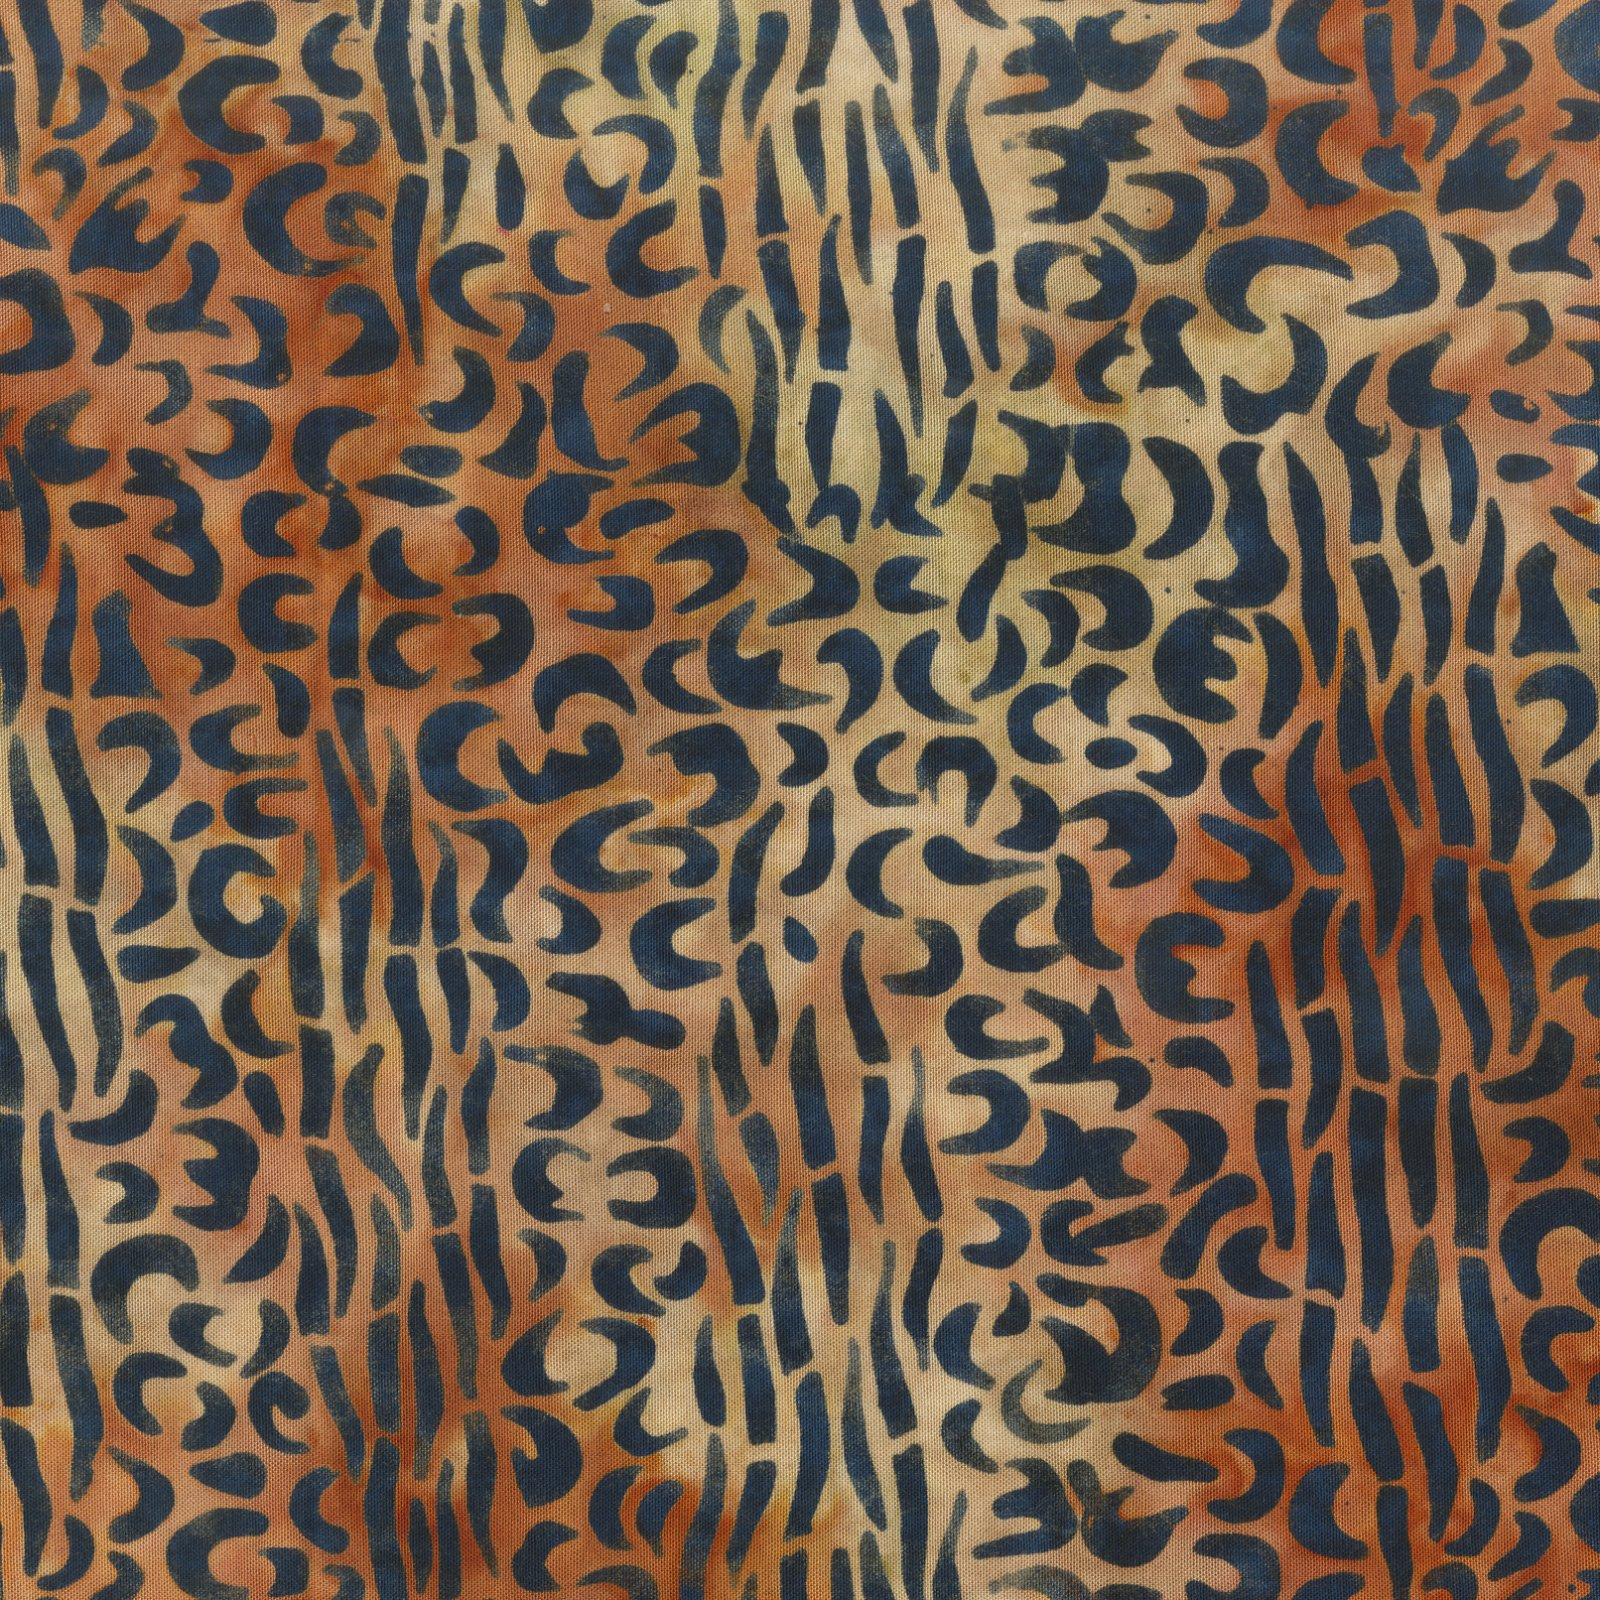 508Q-X Rayon Batiks by Anthology Fabrics